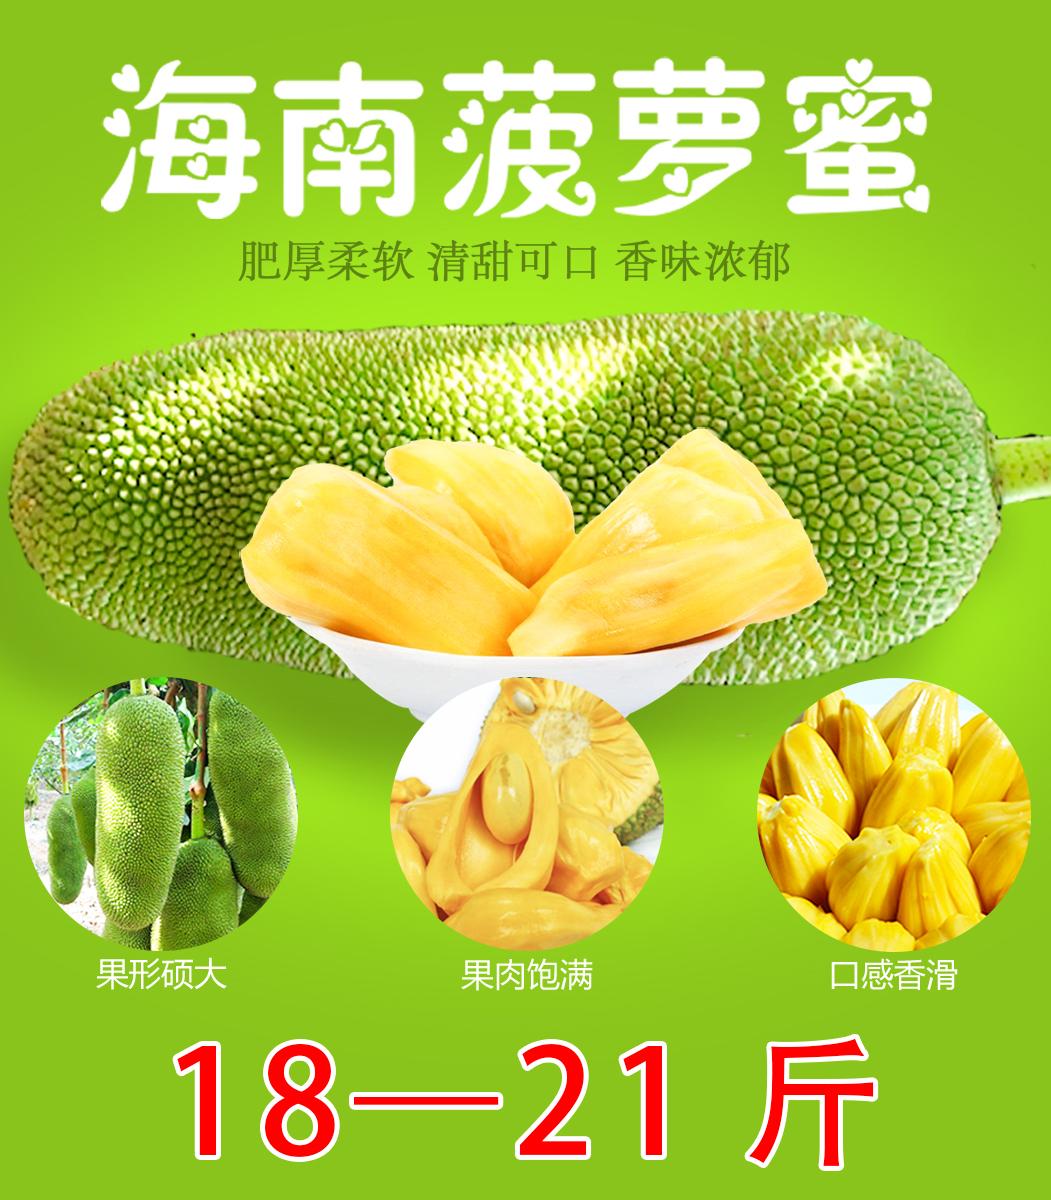 18-21斤海南菠萝蜜新鲜波罗蜜干苞老树木菠萝蜜